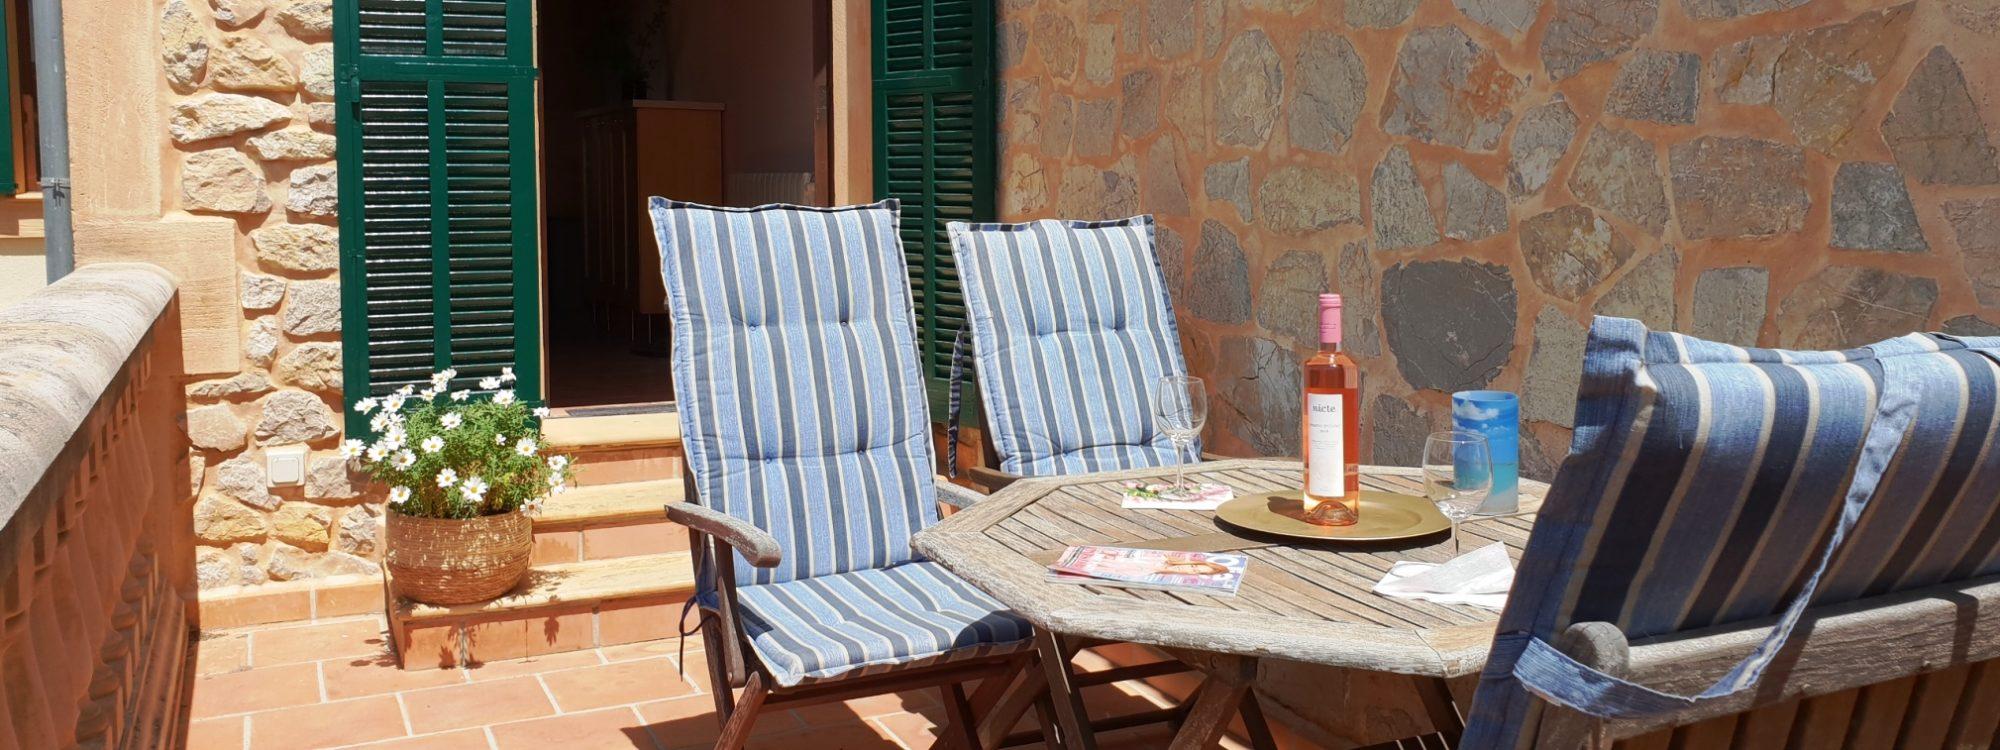 schöne Wohnung in Sant Llorenç mit 2 Schlafzimmer für nur 800.- Euro/Monat